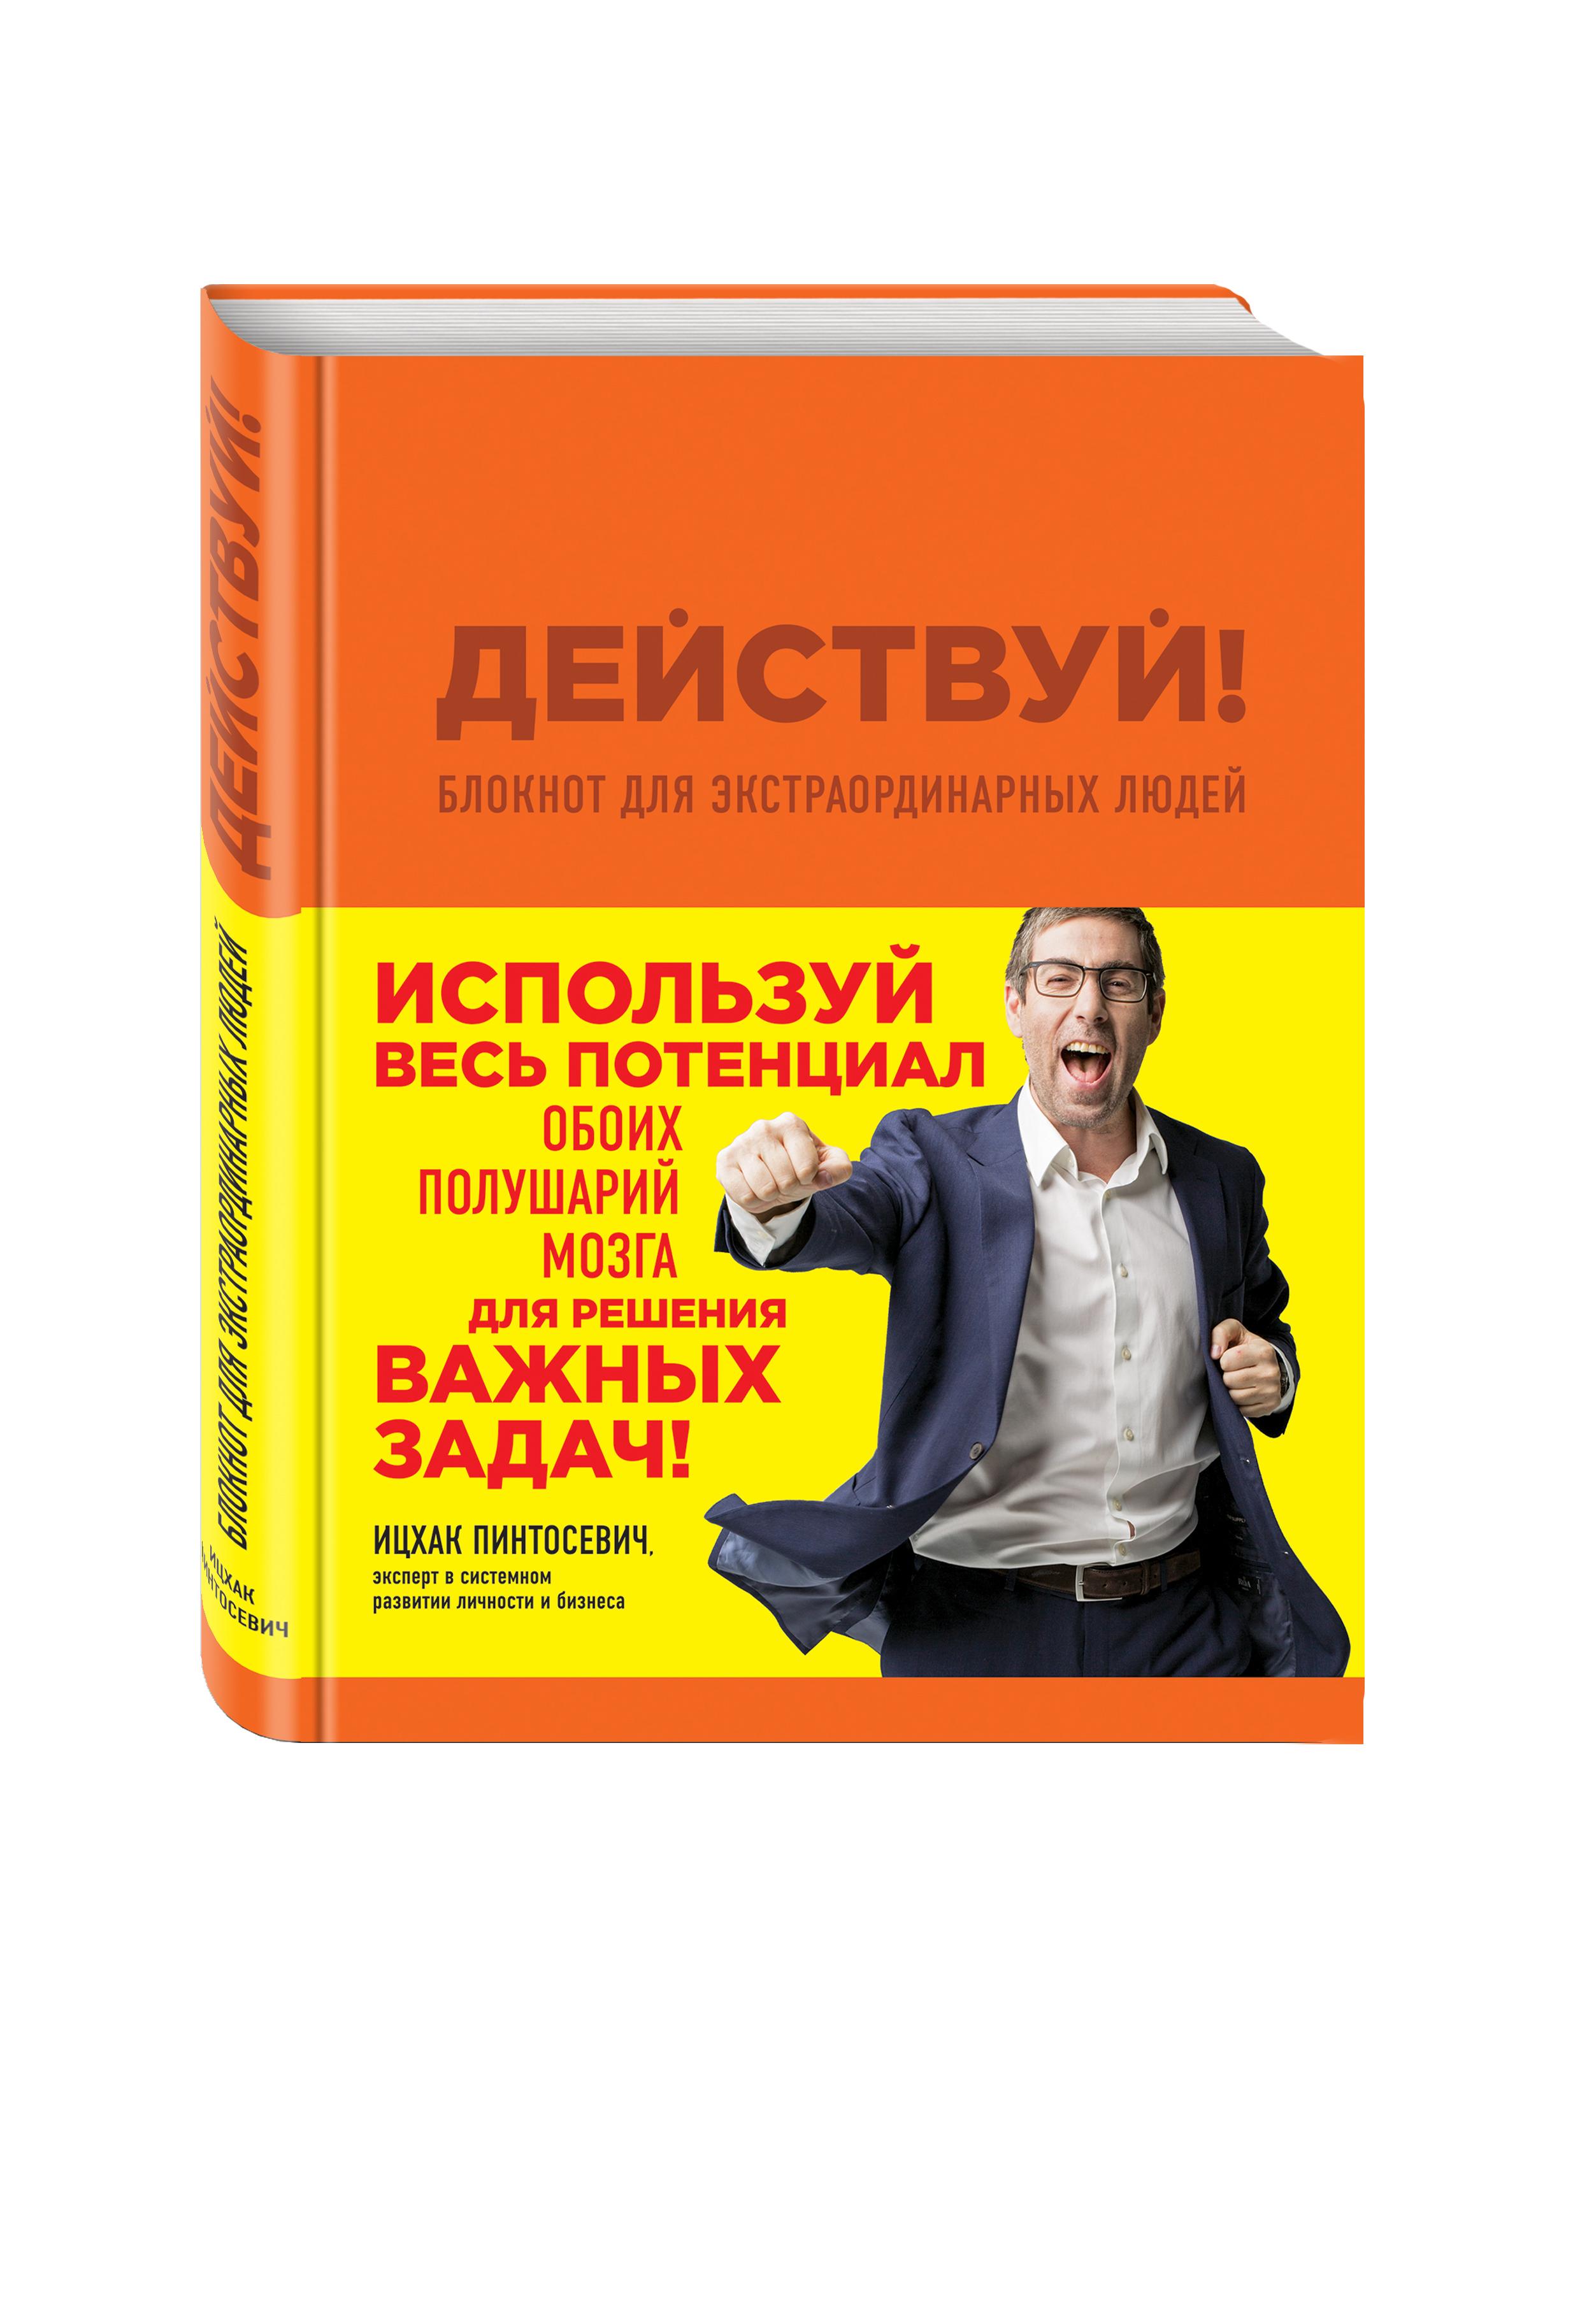 Действуй! Блокнот для экстраординарных людей (оранжевый) ( Пинтосевич И.  )